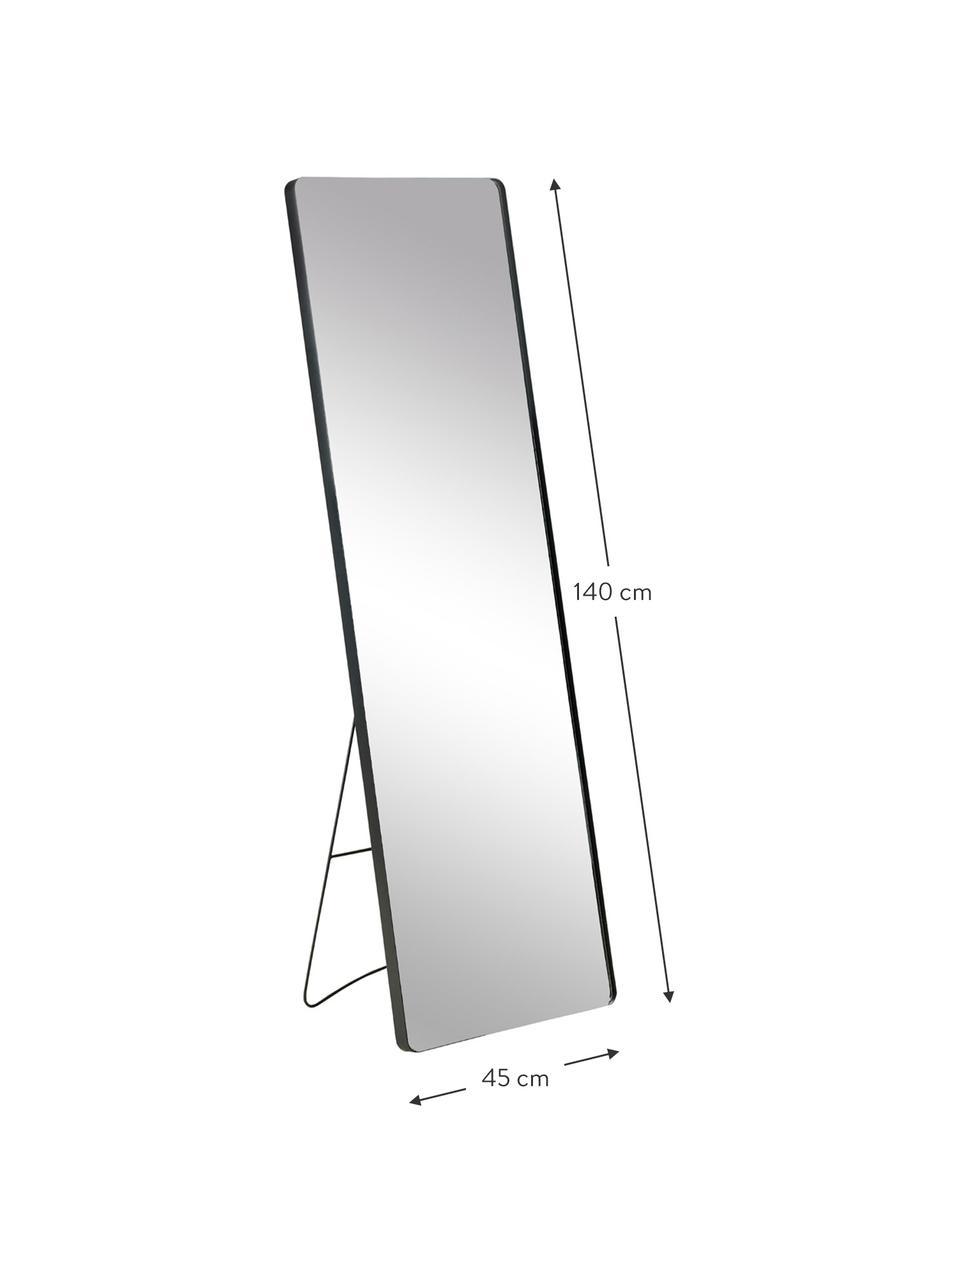 Rechthoekige vloerspiegel Stefo met zwarte metalen lijst, Lijst: gecoat metaal, Zwart, 45 x 140 cm